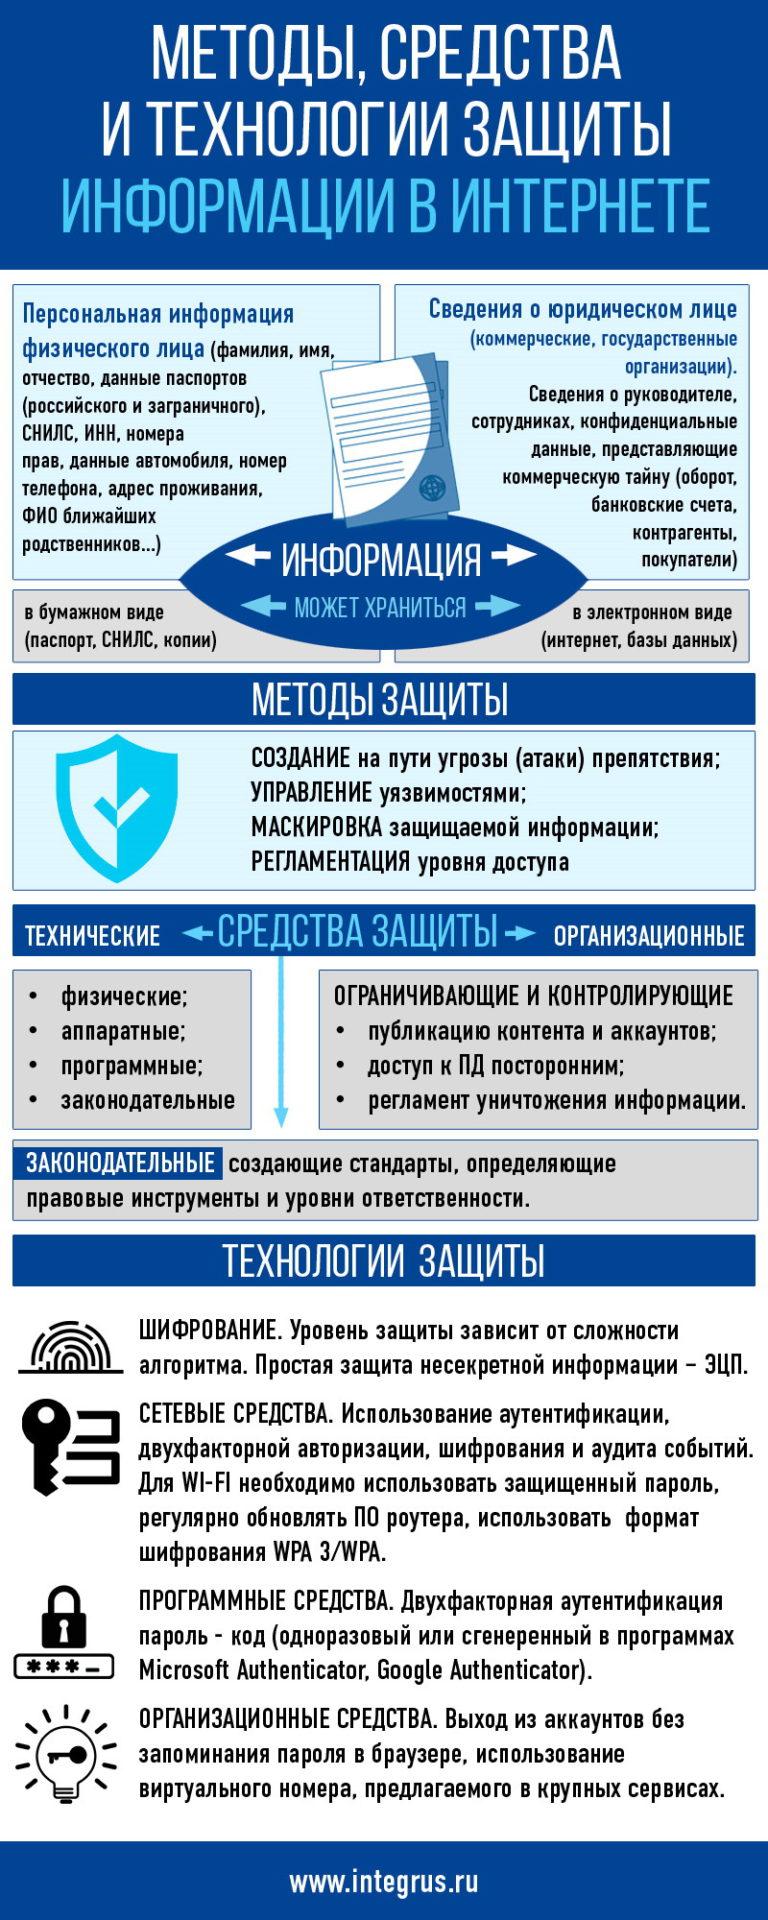 metody-sredstva-tehnologii-zashhity-informatsii-v-seti-internet-scaled.jpg